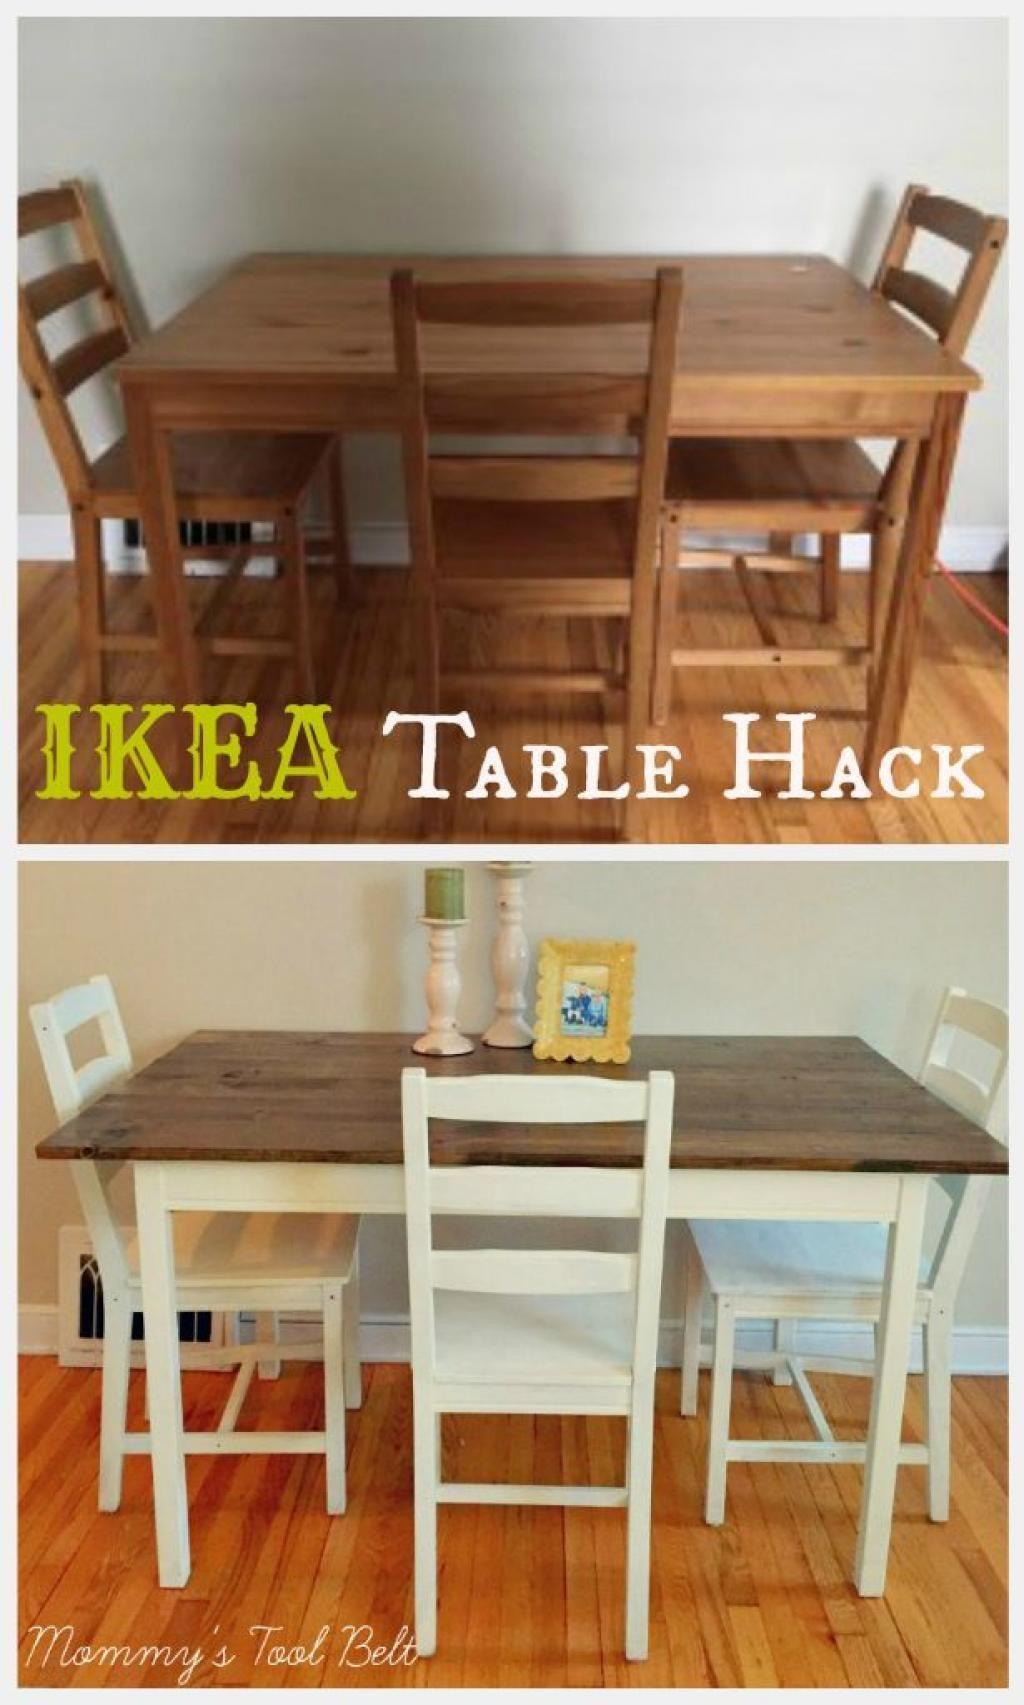 Redonnez Un Nouveau Look A Votre Vieux Meuble Ikea A L Aide Bois De Palettes Ikea Table Hack Ikea Table Diy Kitchen Table